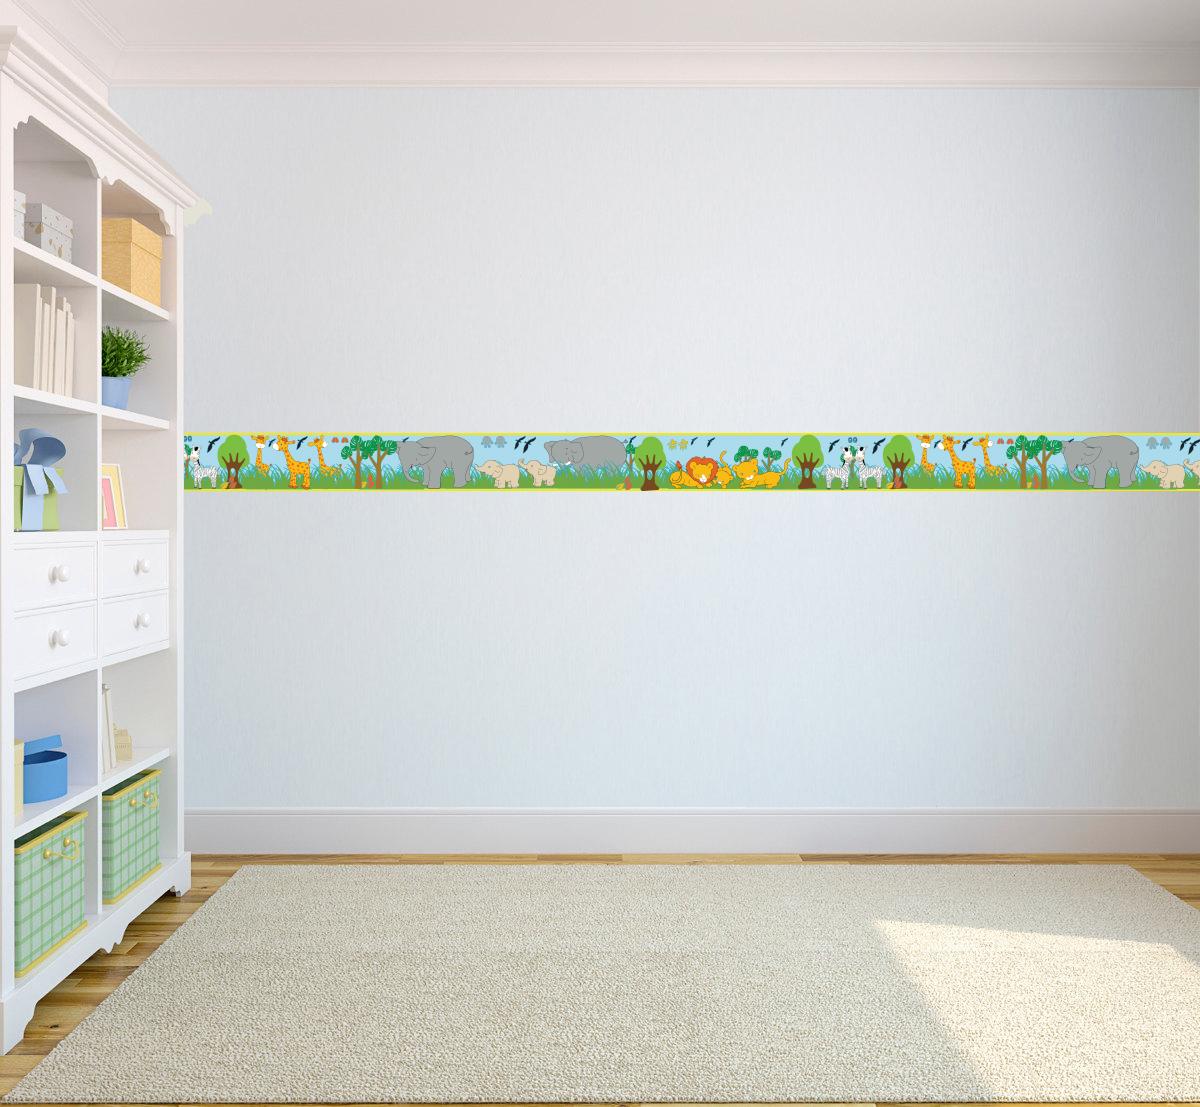 Bordures papier peint pour enfants cr che d 39 enfants for Papier peint adhesif repositionnable